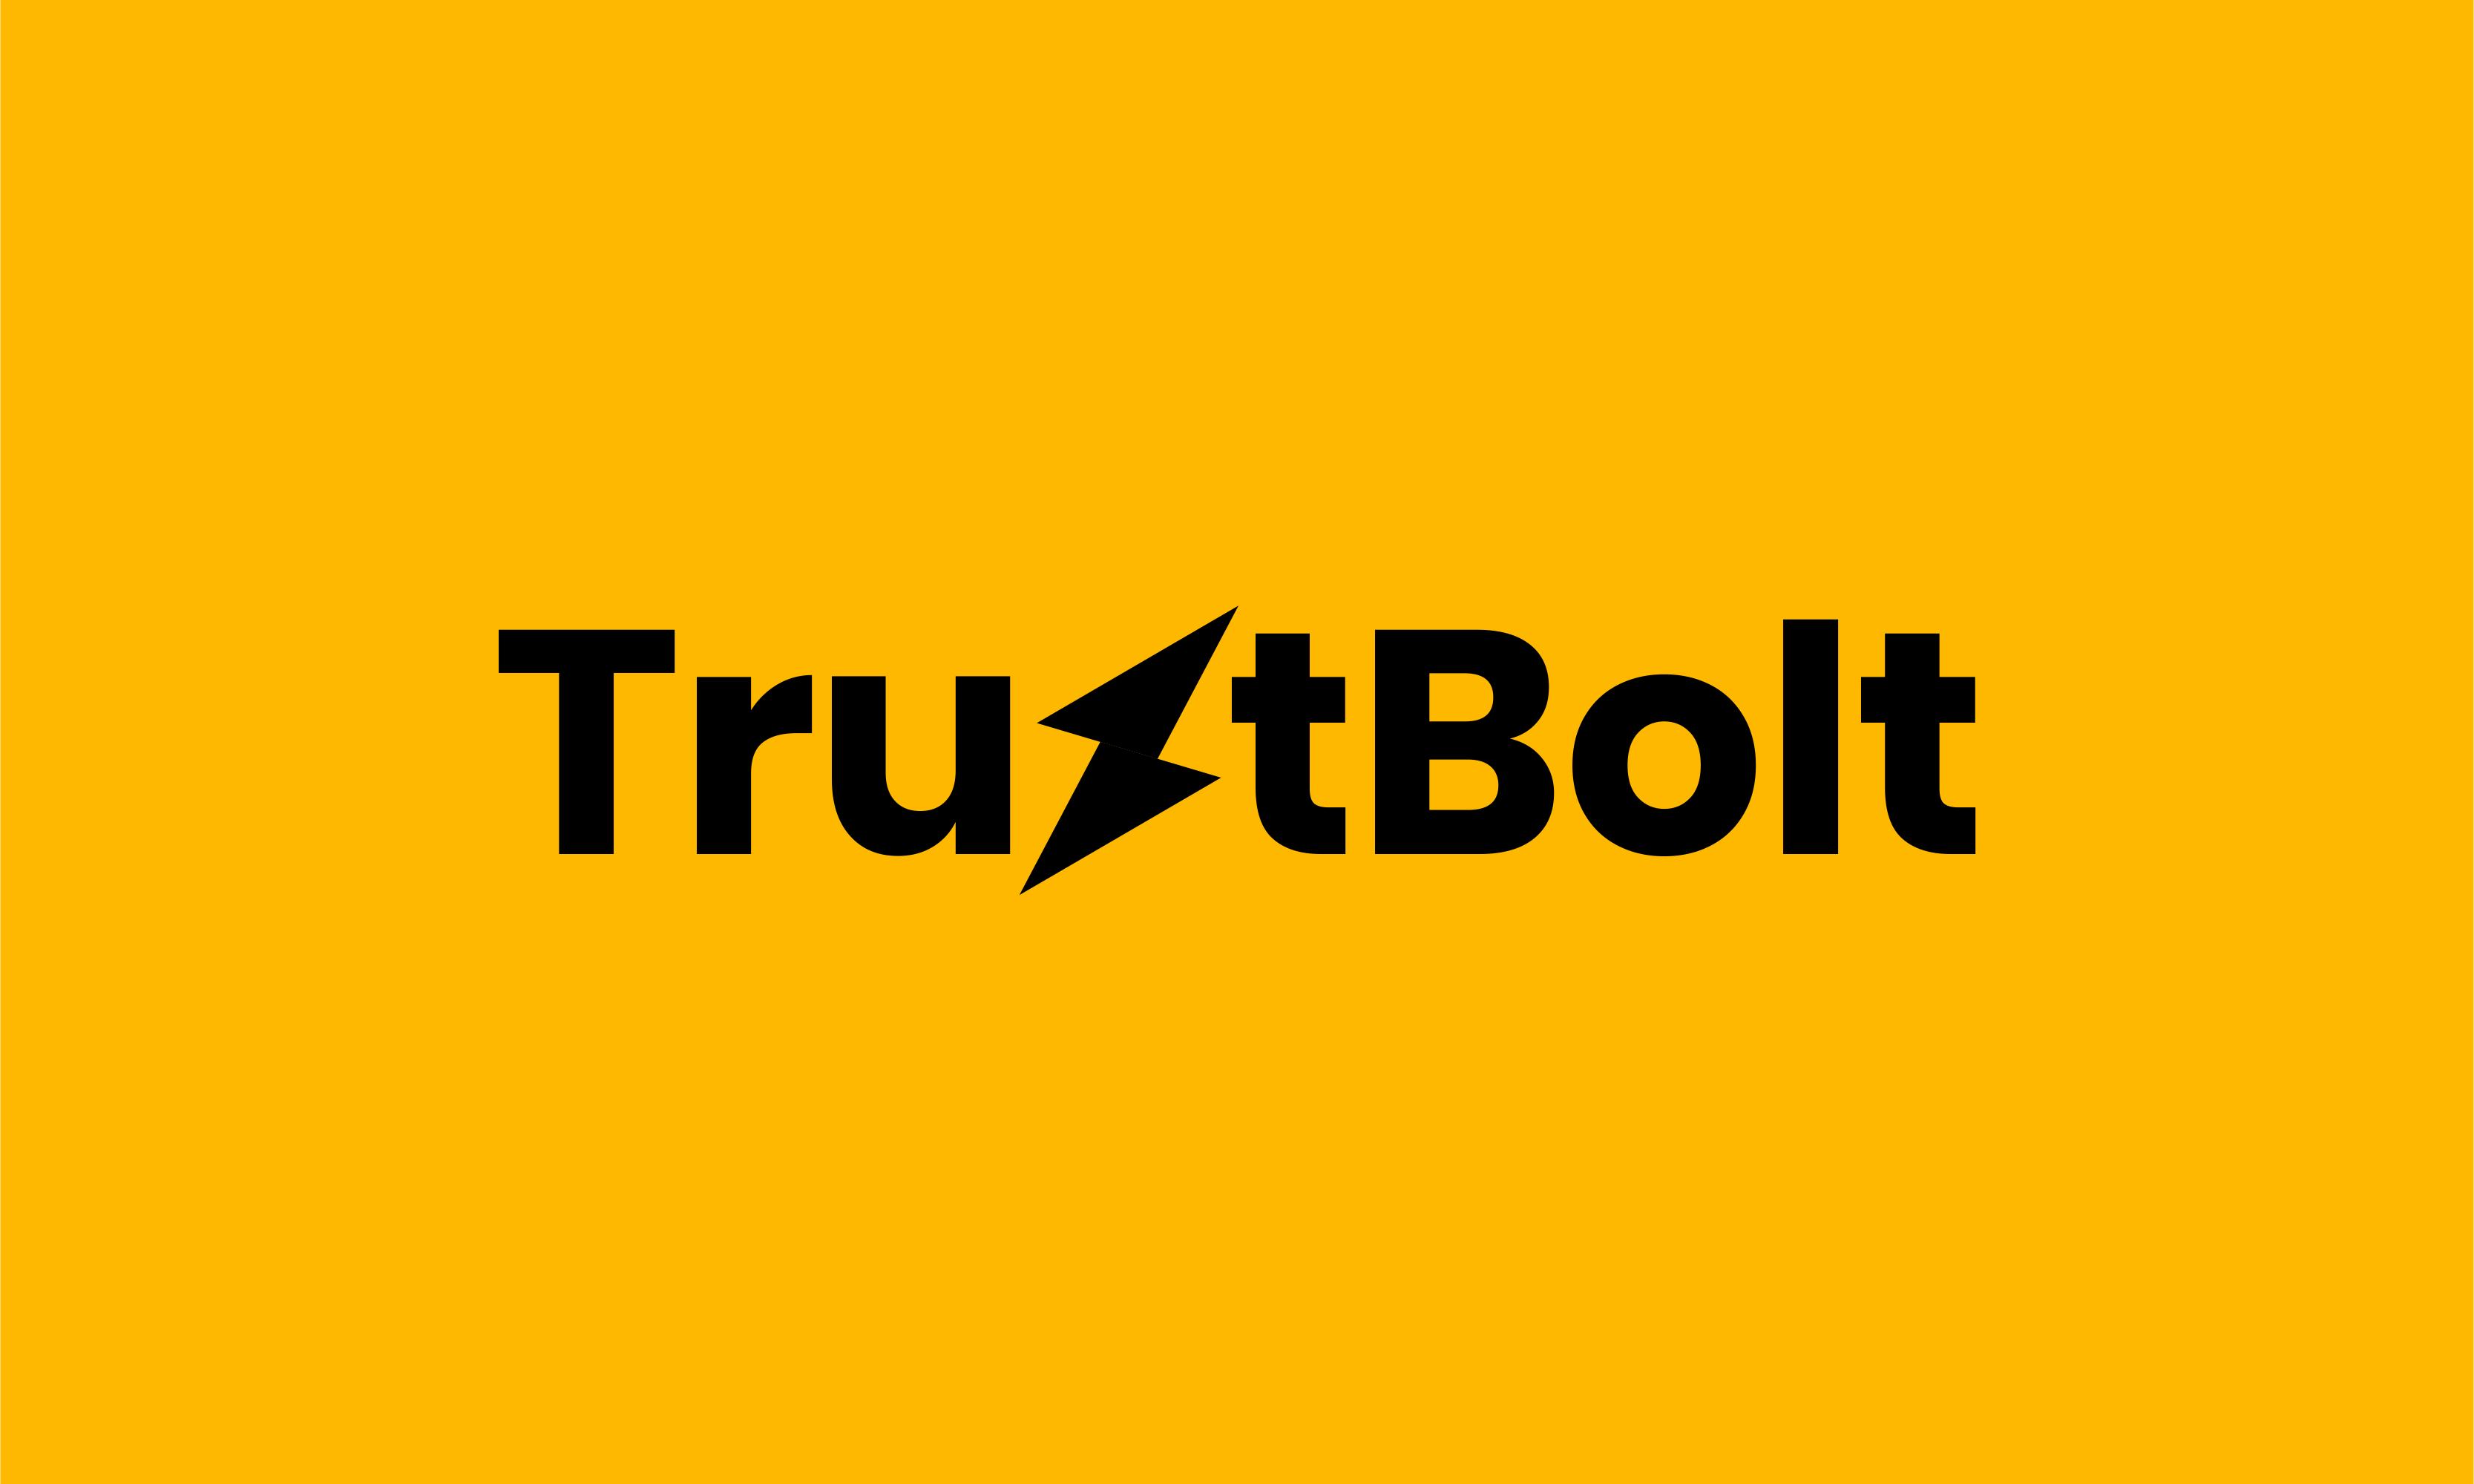 Trustbolt